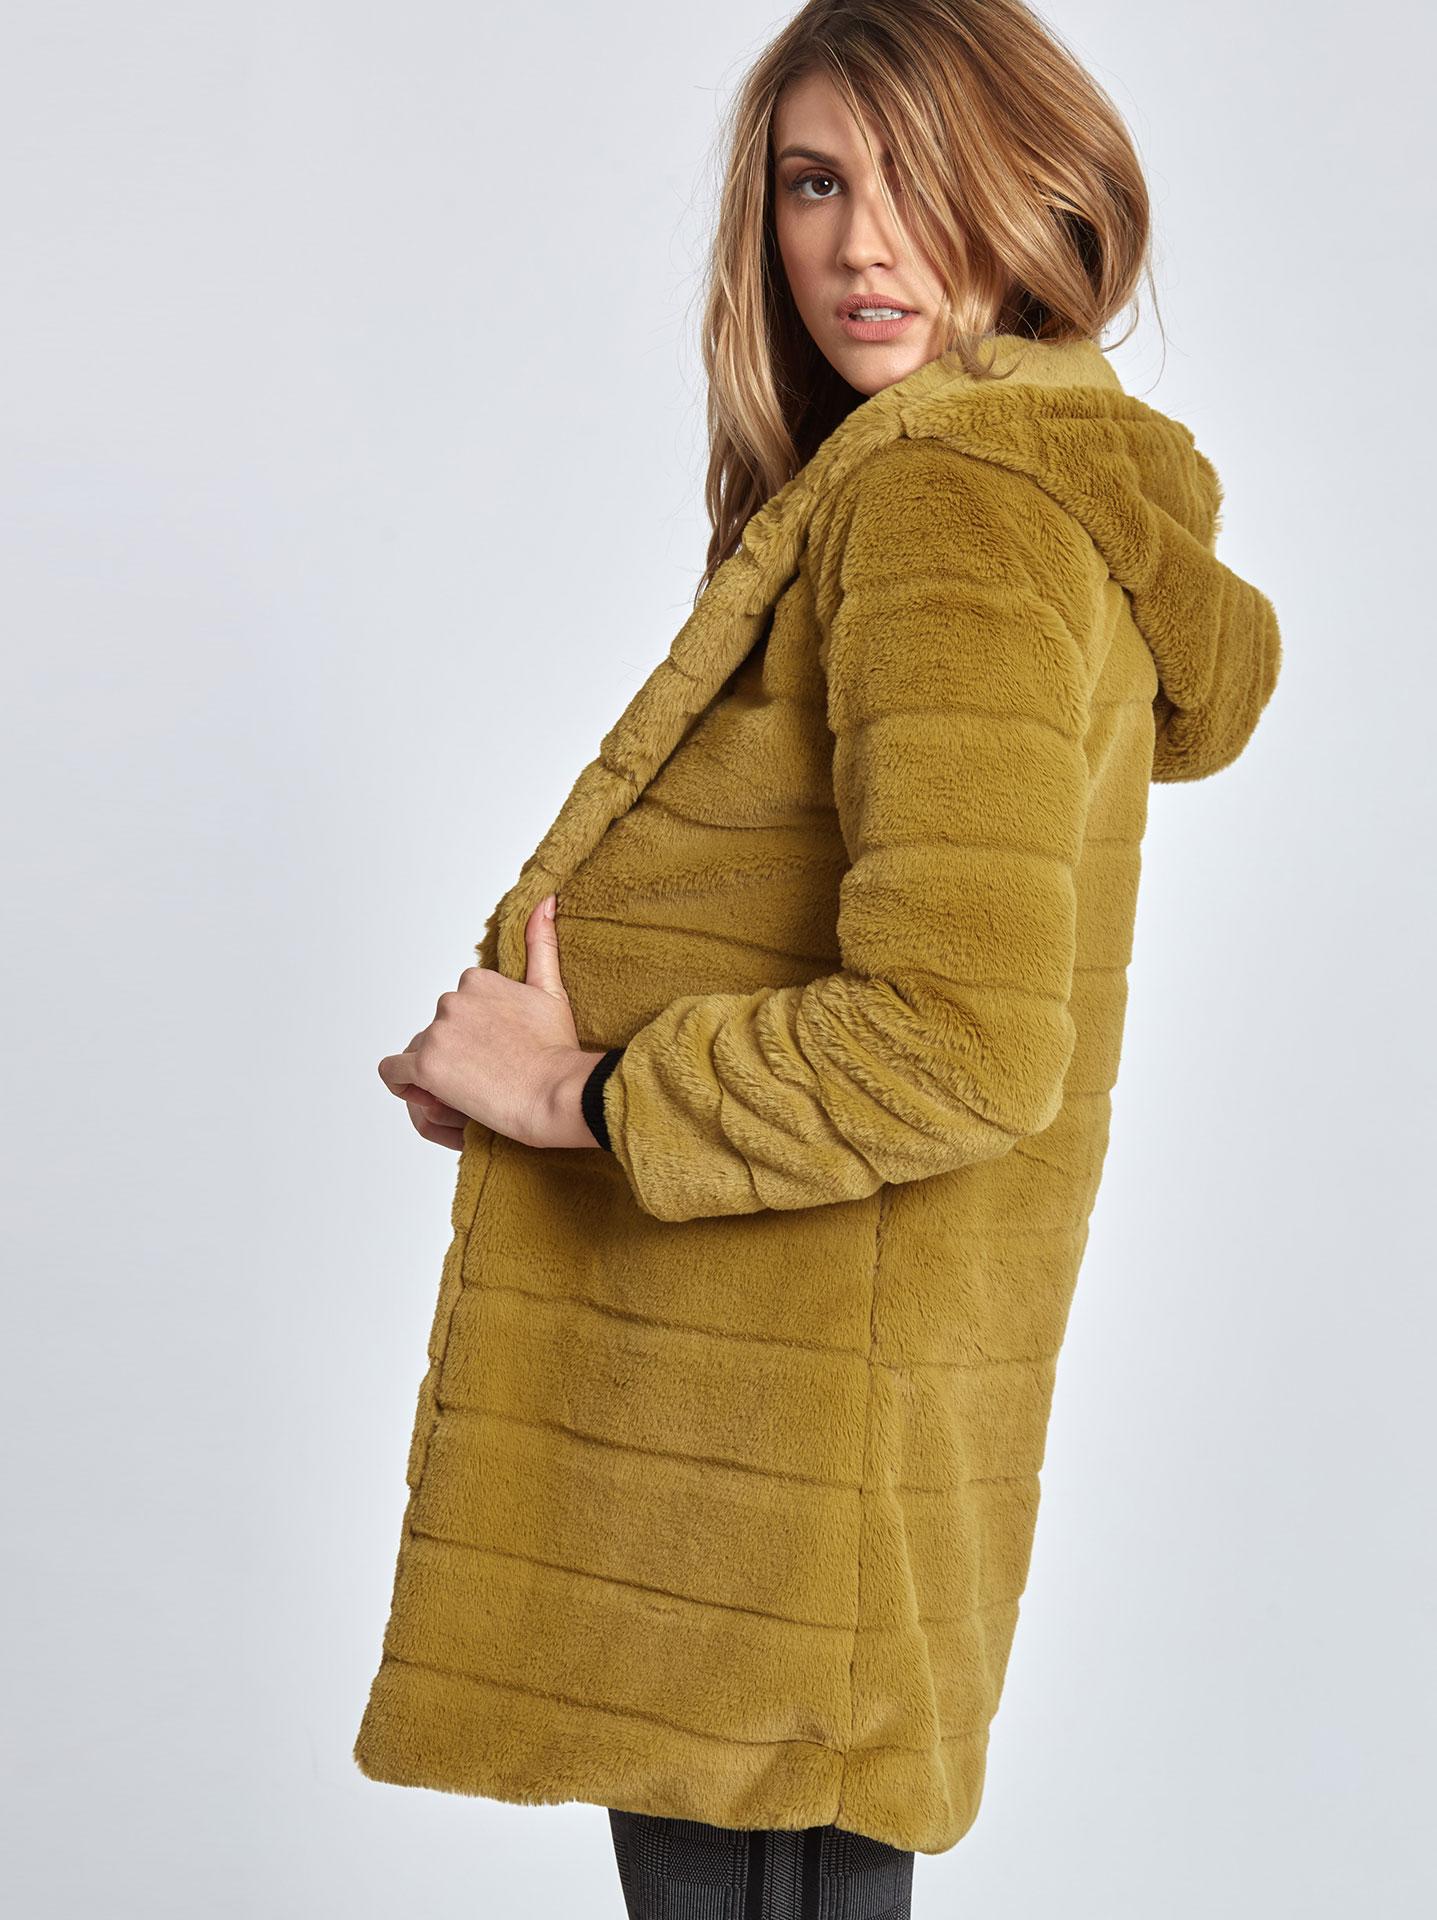 Παλτό από οικολογική-συνθετική γούνα σε μουσταρδι 985ff6936a4